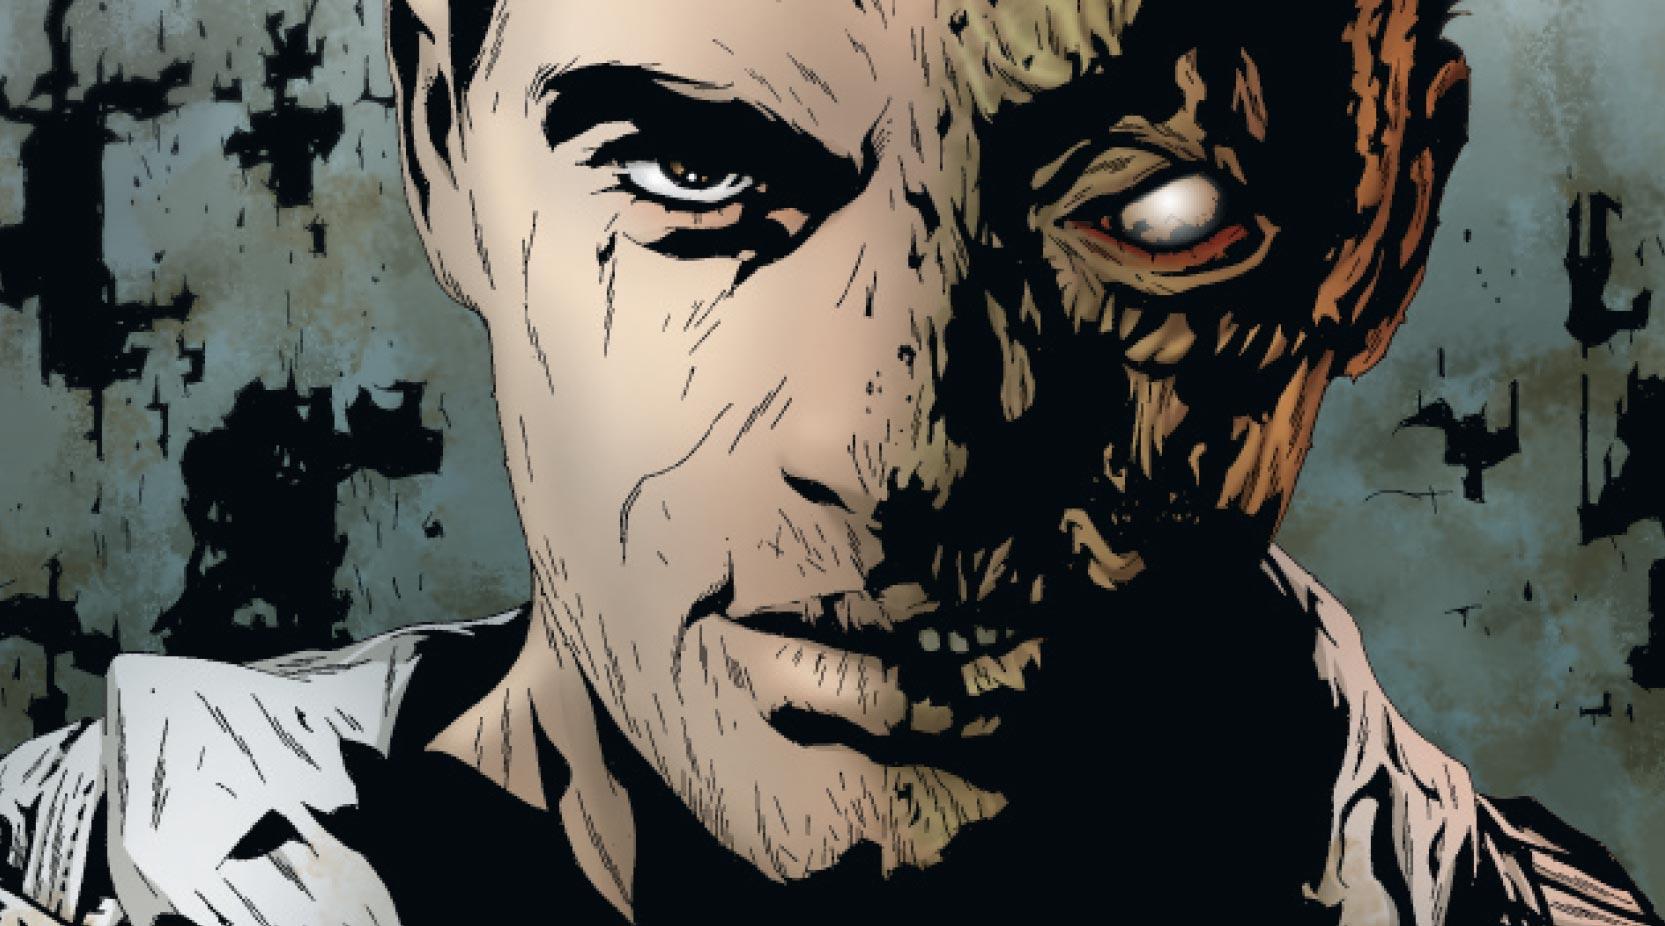 Dans quel comics Double-Face apparaît-il pour la première fois ?